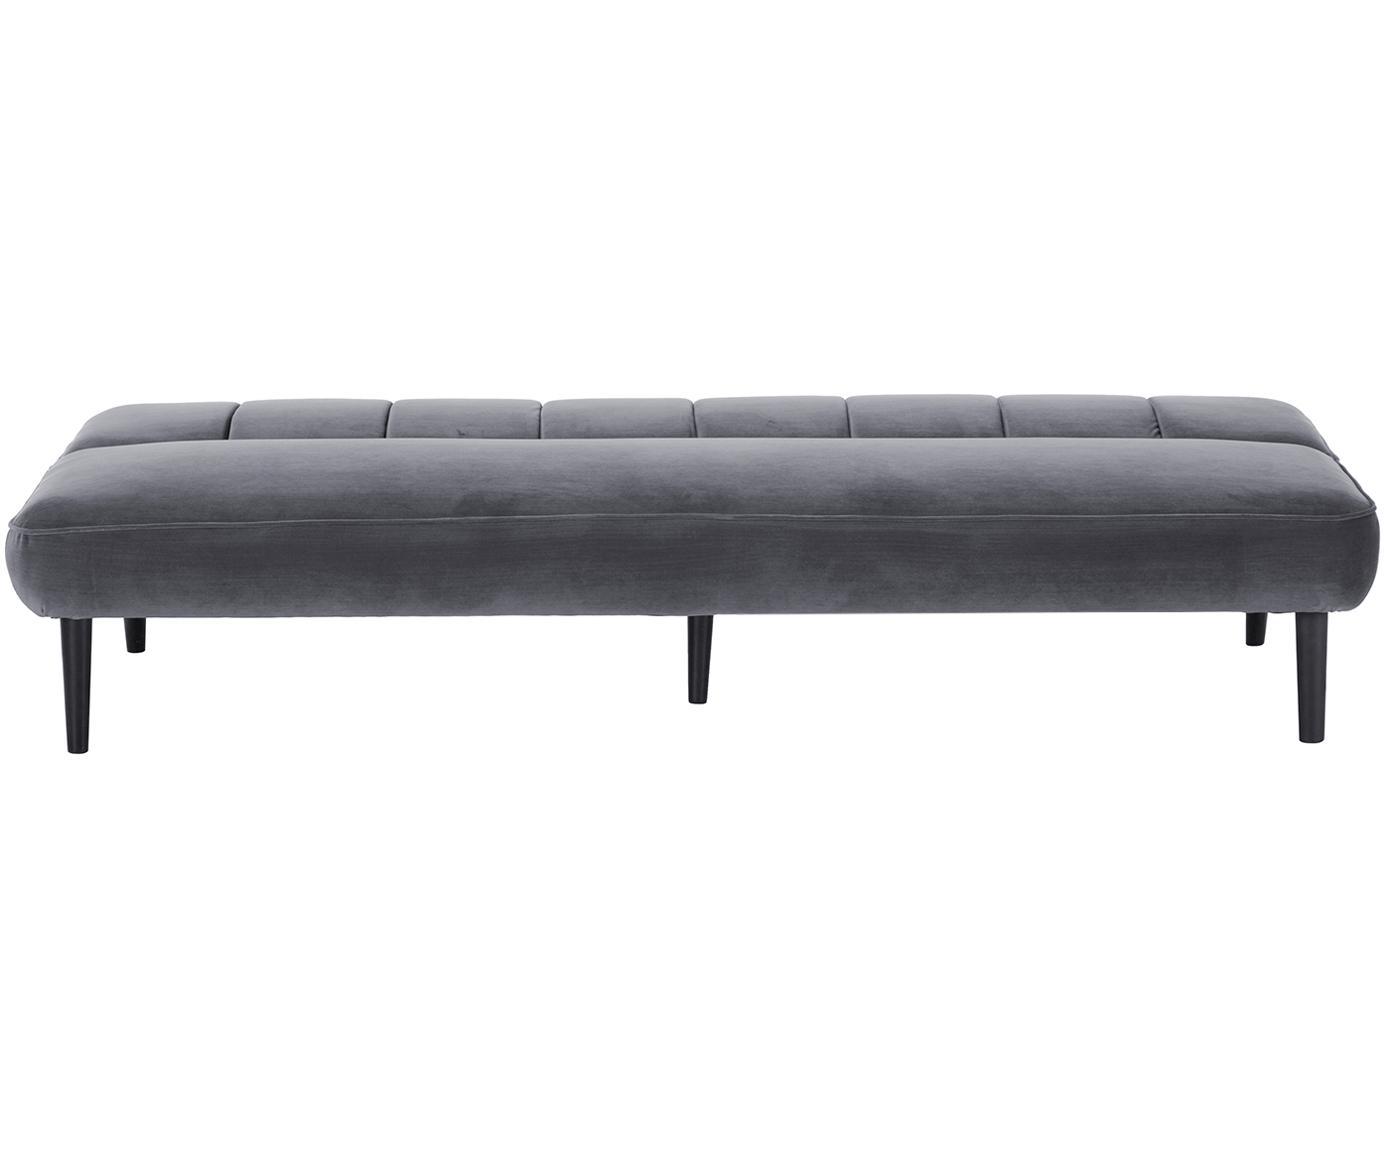 Sofa rozkładana z aksamitu Hayley (3-osobowa), Tapicerka: aksamit (poliester) 2800, Stelaż: drewno sosnowe, Nogi: drewno kauczukowe, lakier, Szary, S 200 x G 89 cm